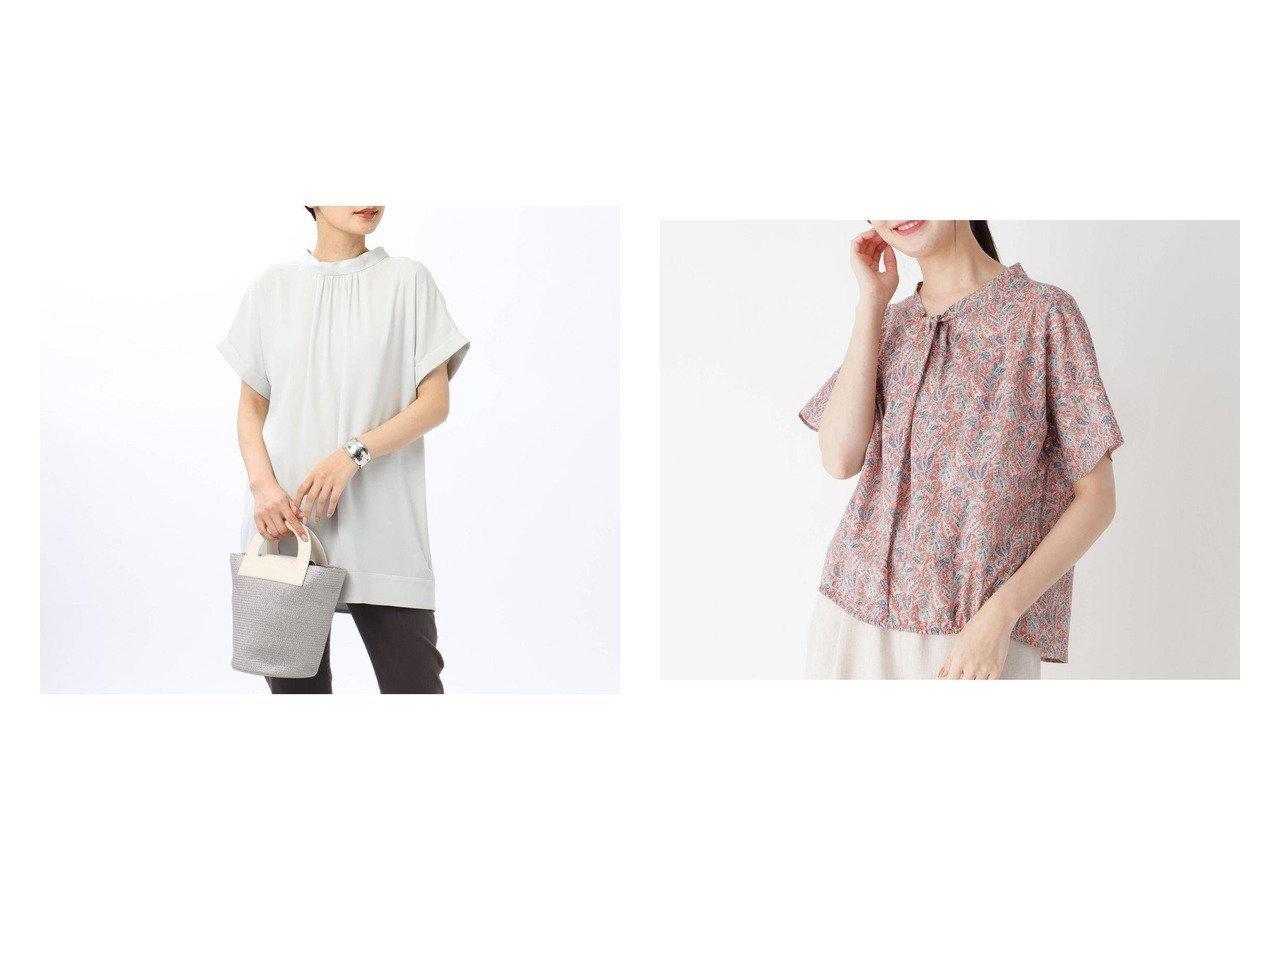 【UNTITLED/アンタイトル】のエコプラネットジョーゼット バックリボンブラウス&【esche/エッシュ】の更紗柄フレンチガーゼブラウス おすすめ!人気トレンド・レディースファッション通販 おすすめで人気の流行・トレンド、ファッションの通販商品 インテリア・家具・メンズファッション・キッズファッション・レディースファッション・服の通販 founy(ファニー) https://founy.com/ ファッション Fashion レディースファッション WOMEN トップス・カットソー Tops/Tshirt シャツ/ブラウス Shirts/Blouses 2021年 2021 2021春夏・S/S SS/Spring/Summer/2021 S/S・春夏 SS・Spring/Summer おすすめ Recommend インナー ギャザー デコルテ ハイネック ファブリック フェミニン リボン 春 Spring |ID:crp329100000043699